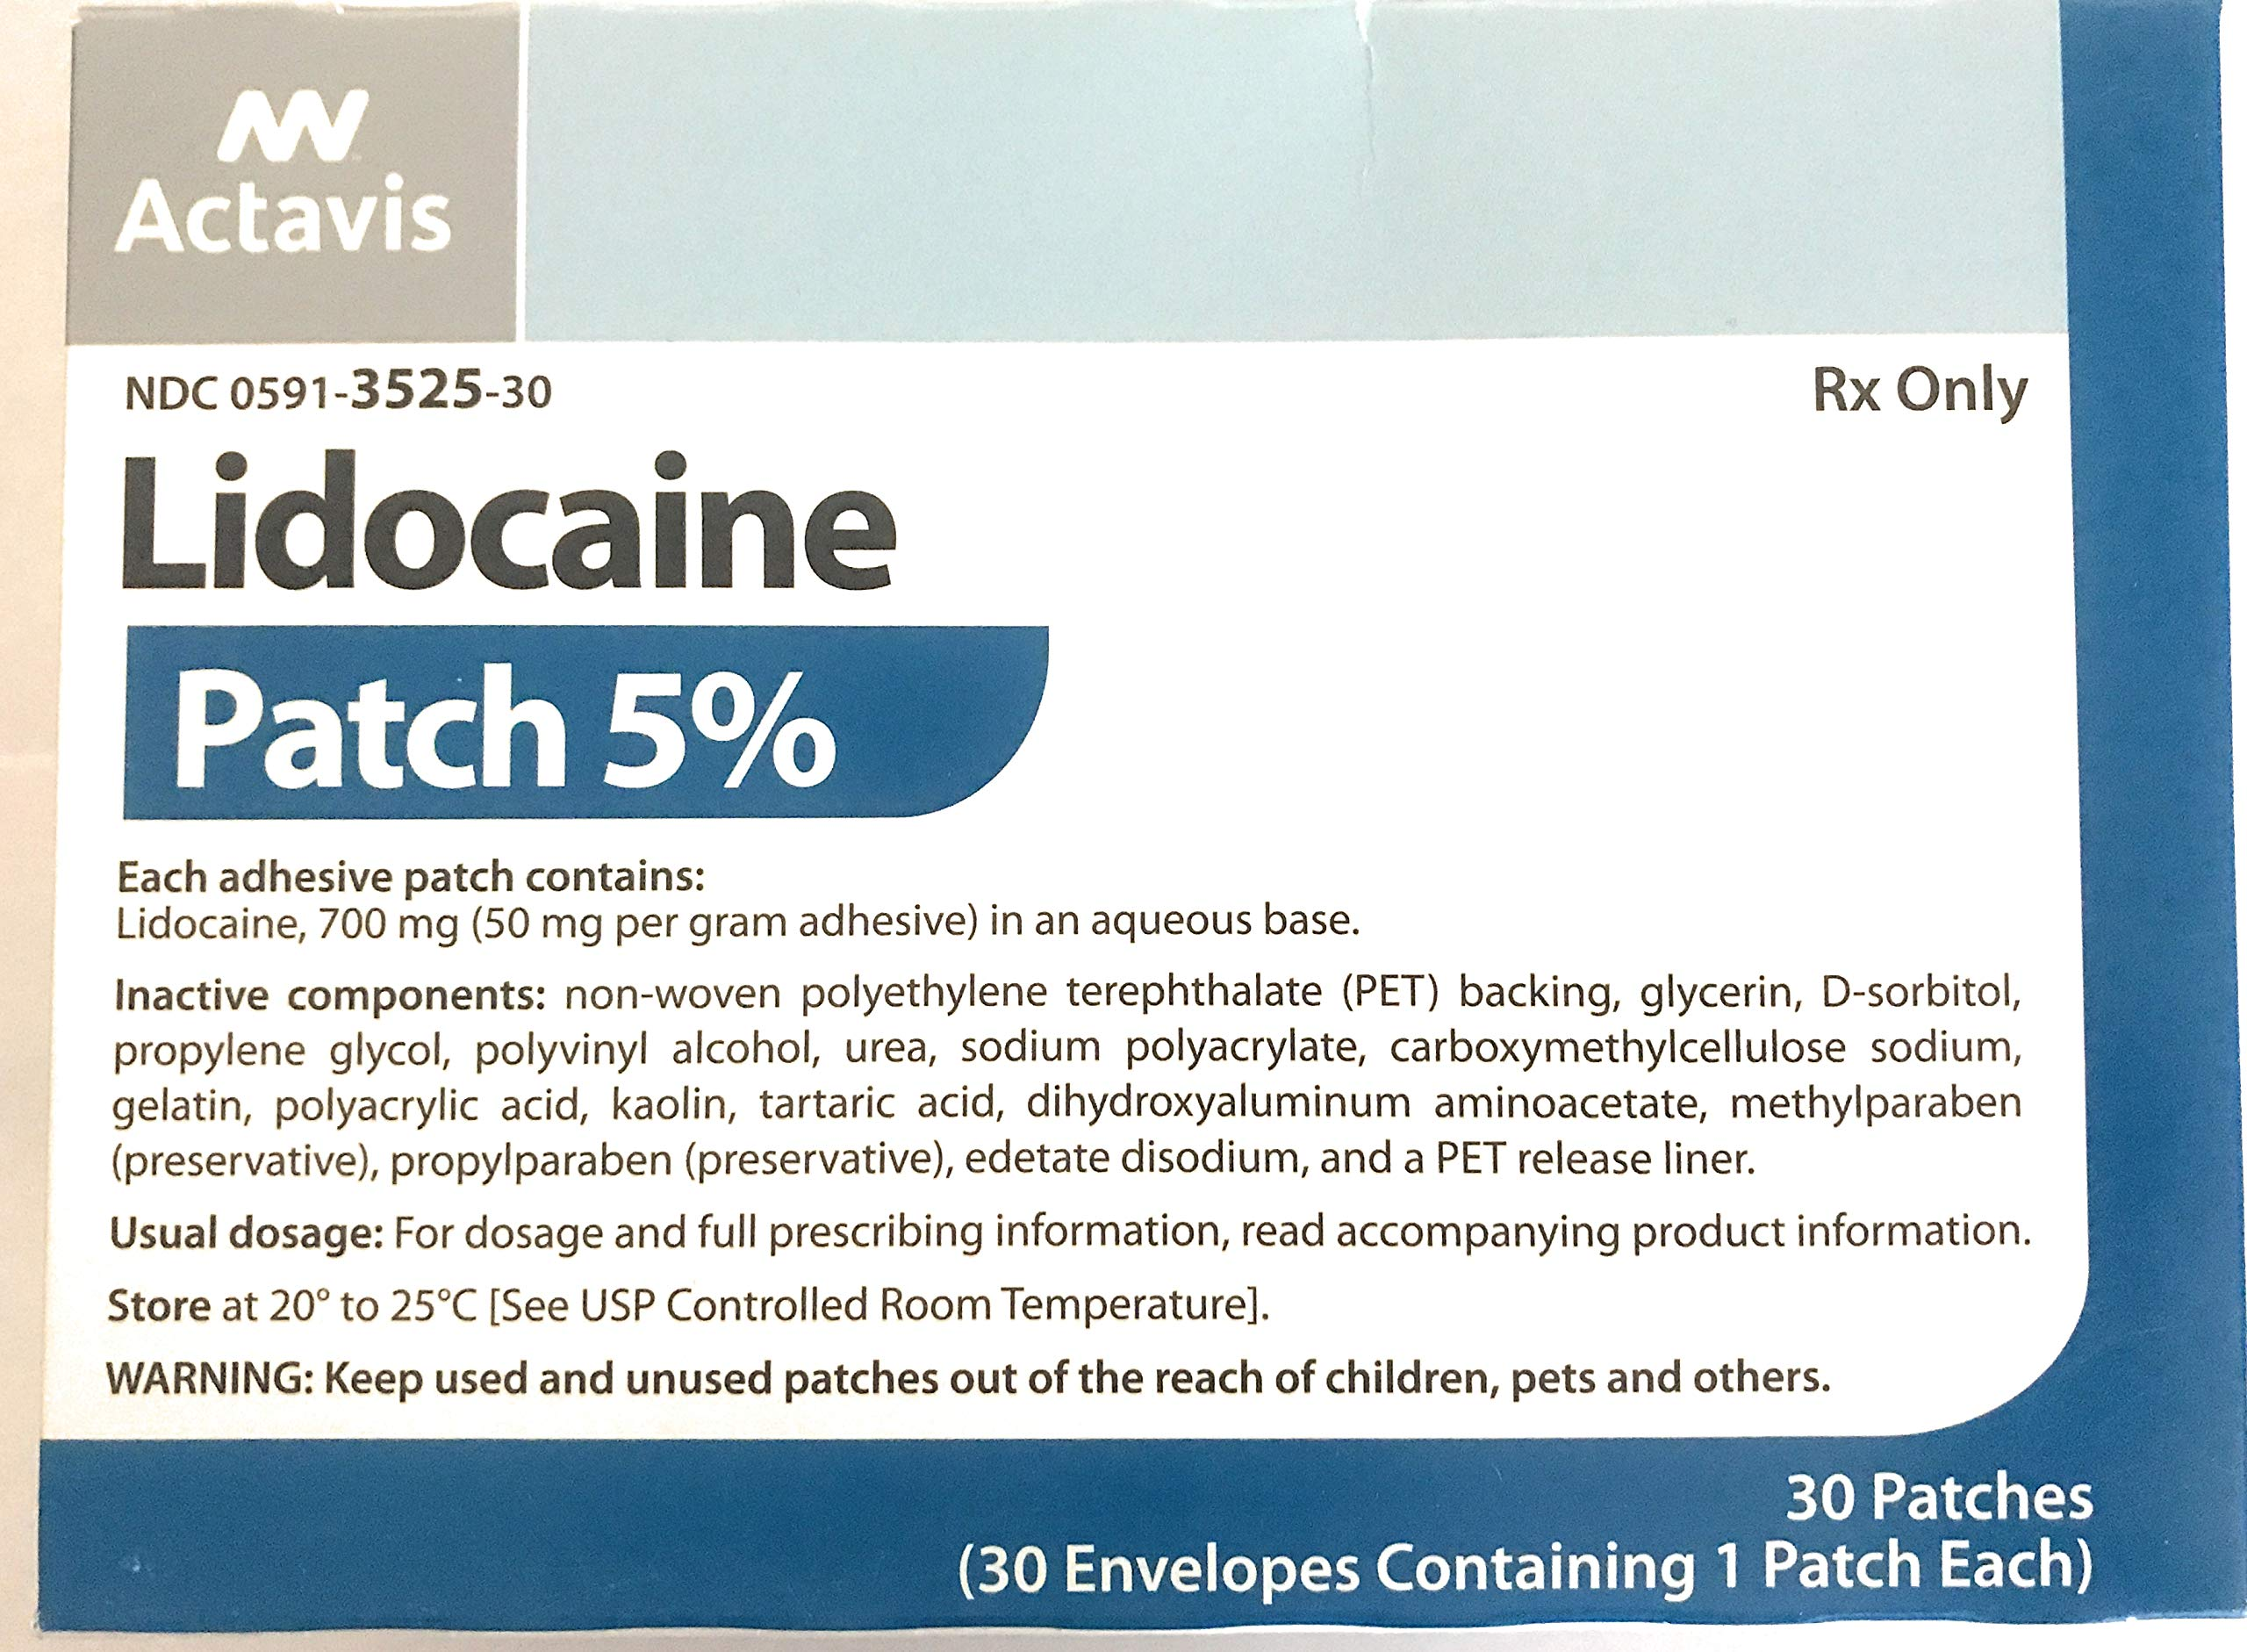 Lidocaine Prescription Maximum Strength Patch 5% Ndc 0603-1880-16 (30 Patches)